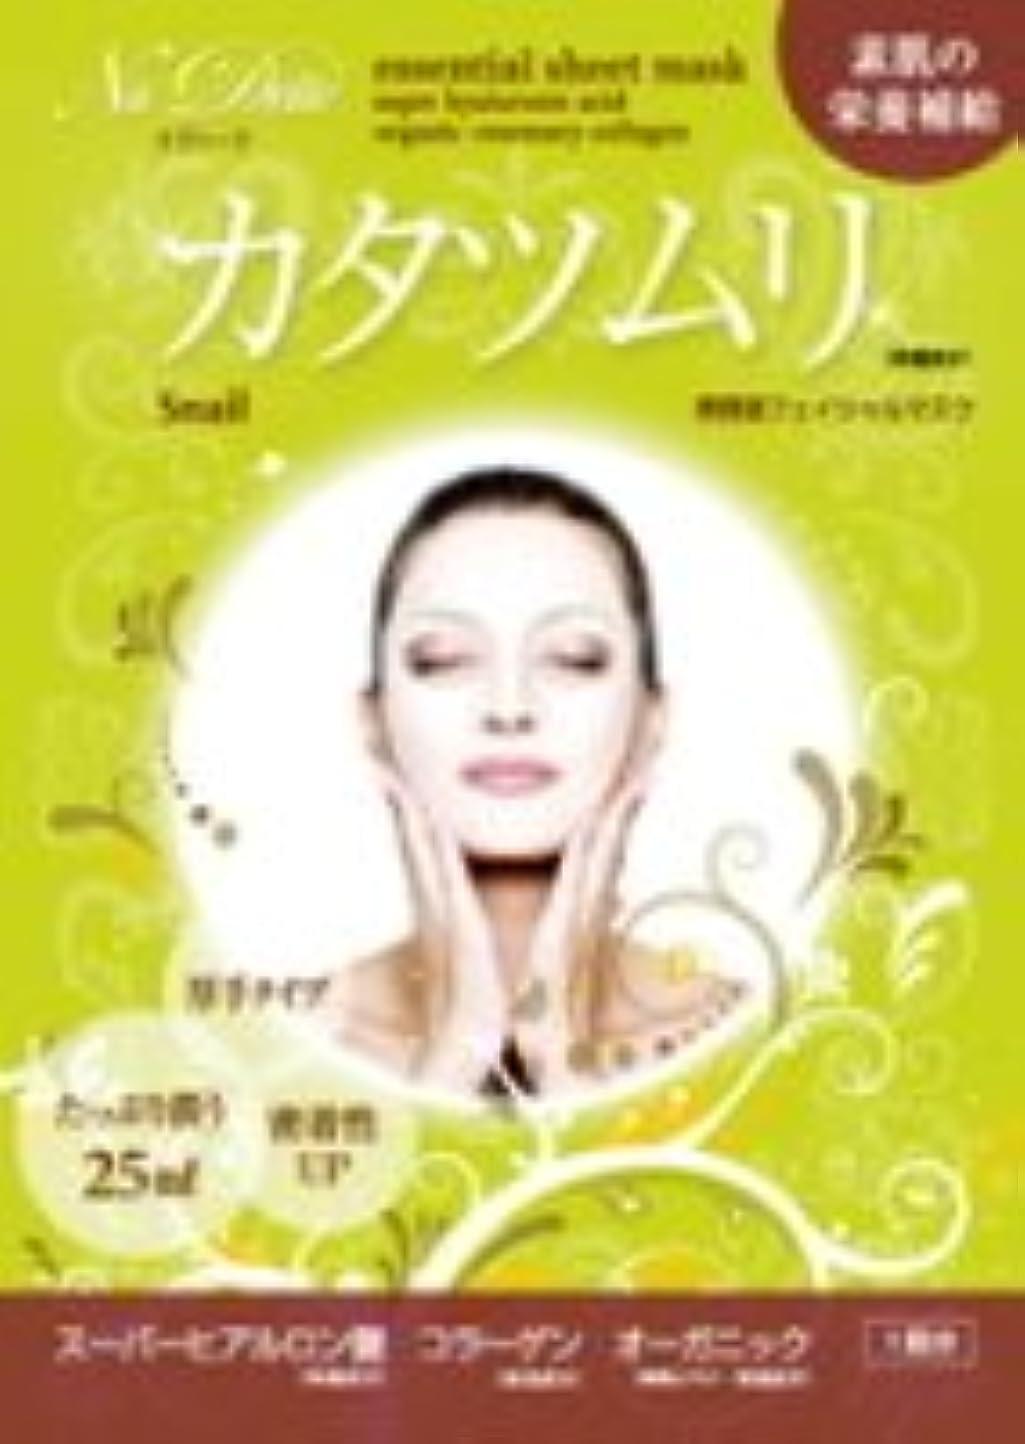 ミルクキュービック誠意フェイスマスクシリーズ「ナディーテ」エッセンスシートマスク(カタツムリ)